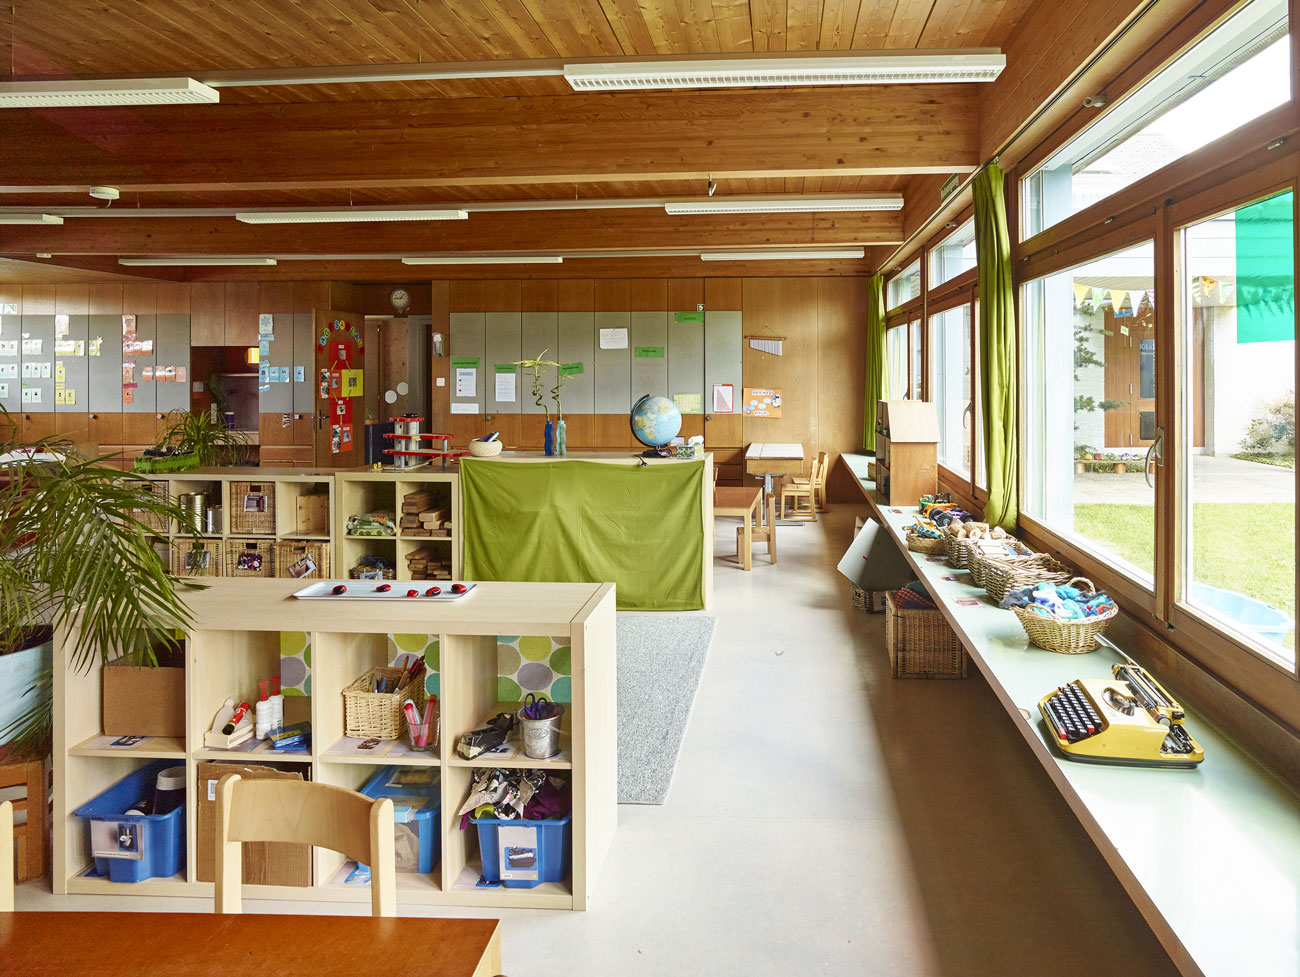 Tagesschule Steffisburg